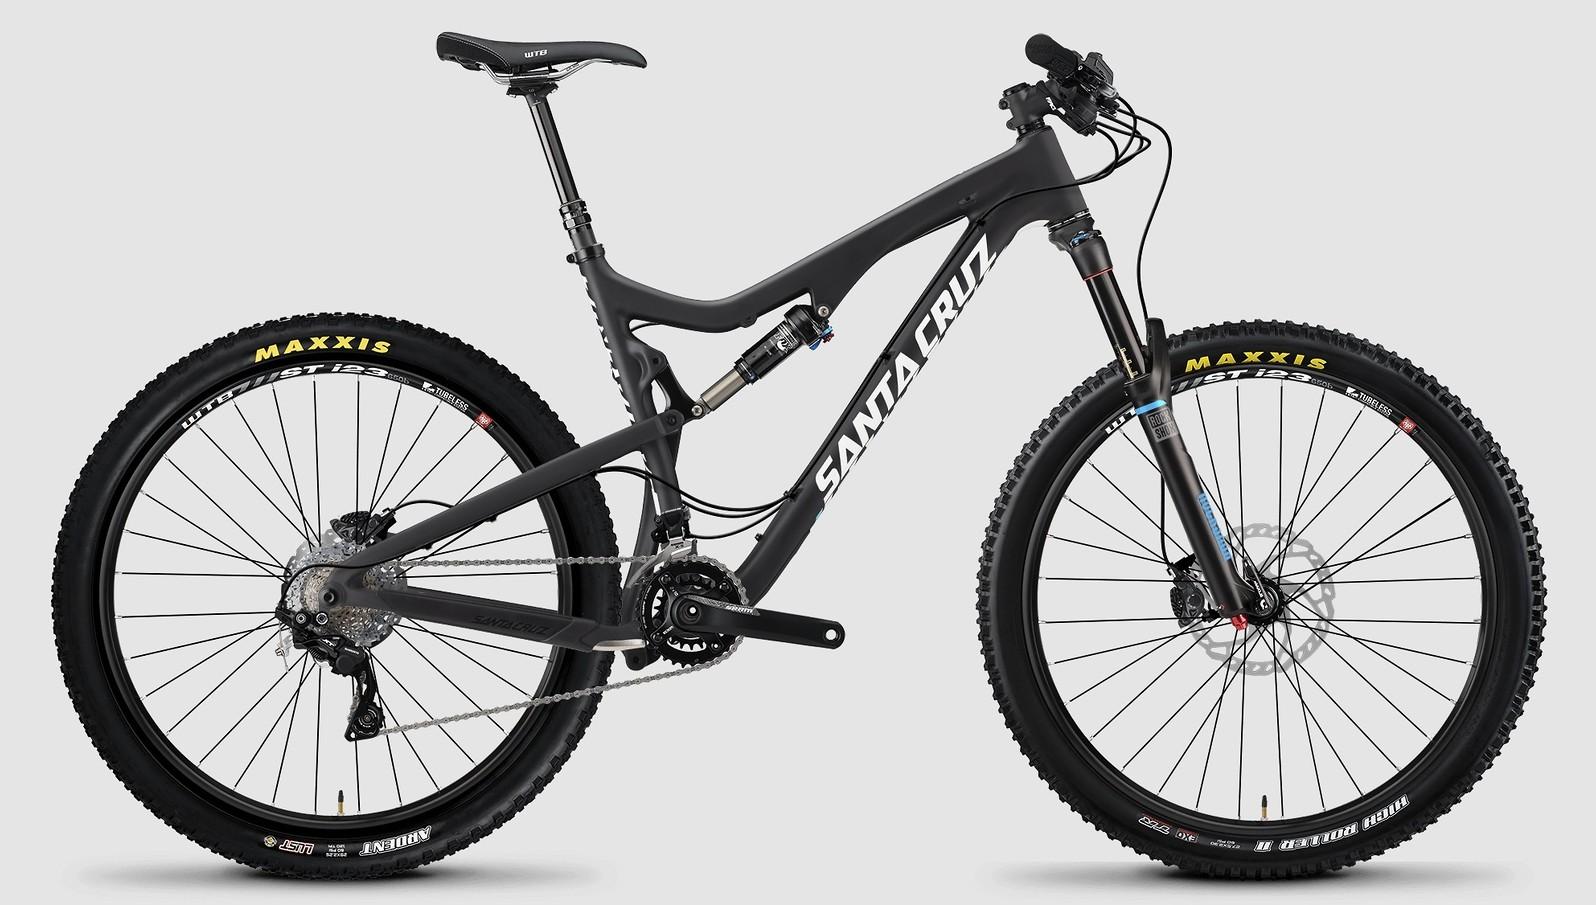 2015 Santa Cruz 5010 Carbon S bike